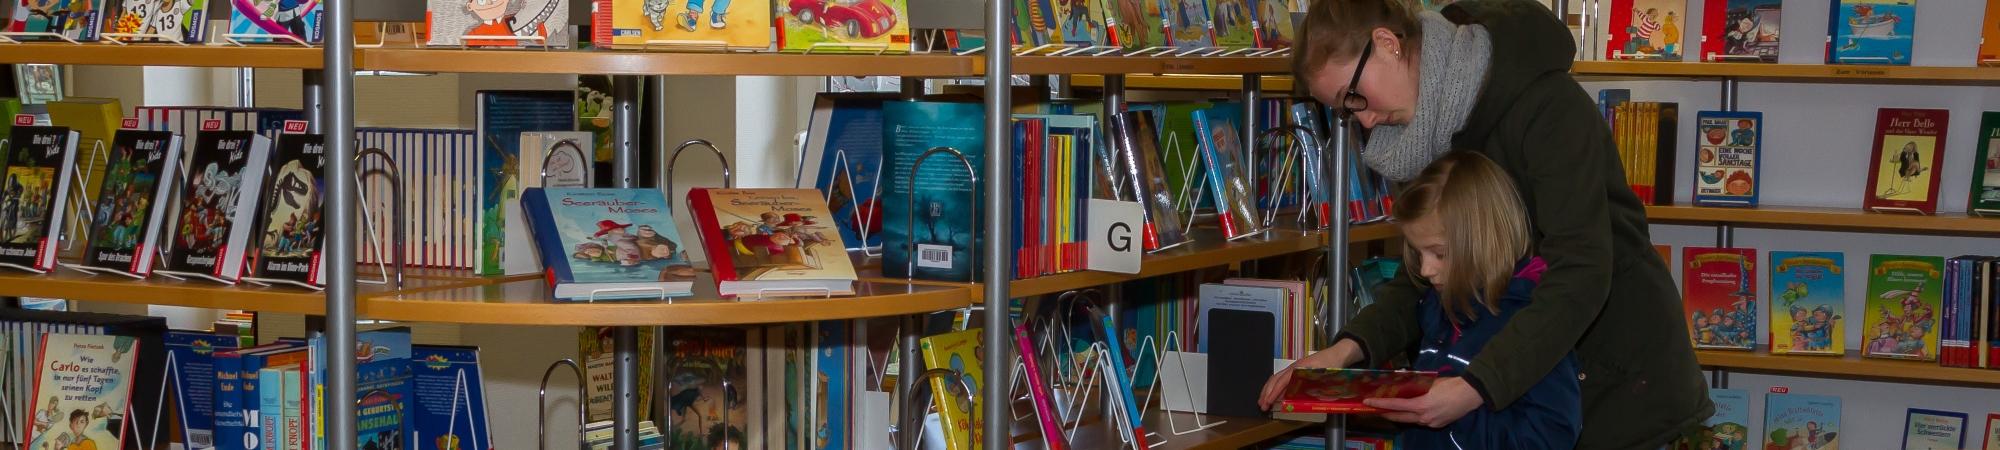 Gemeindebücherei Burbach